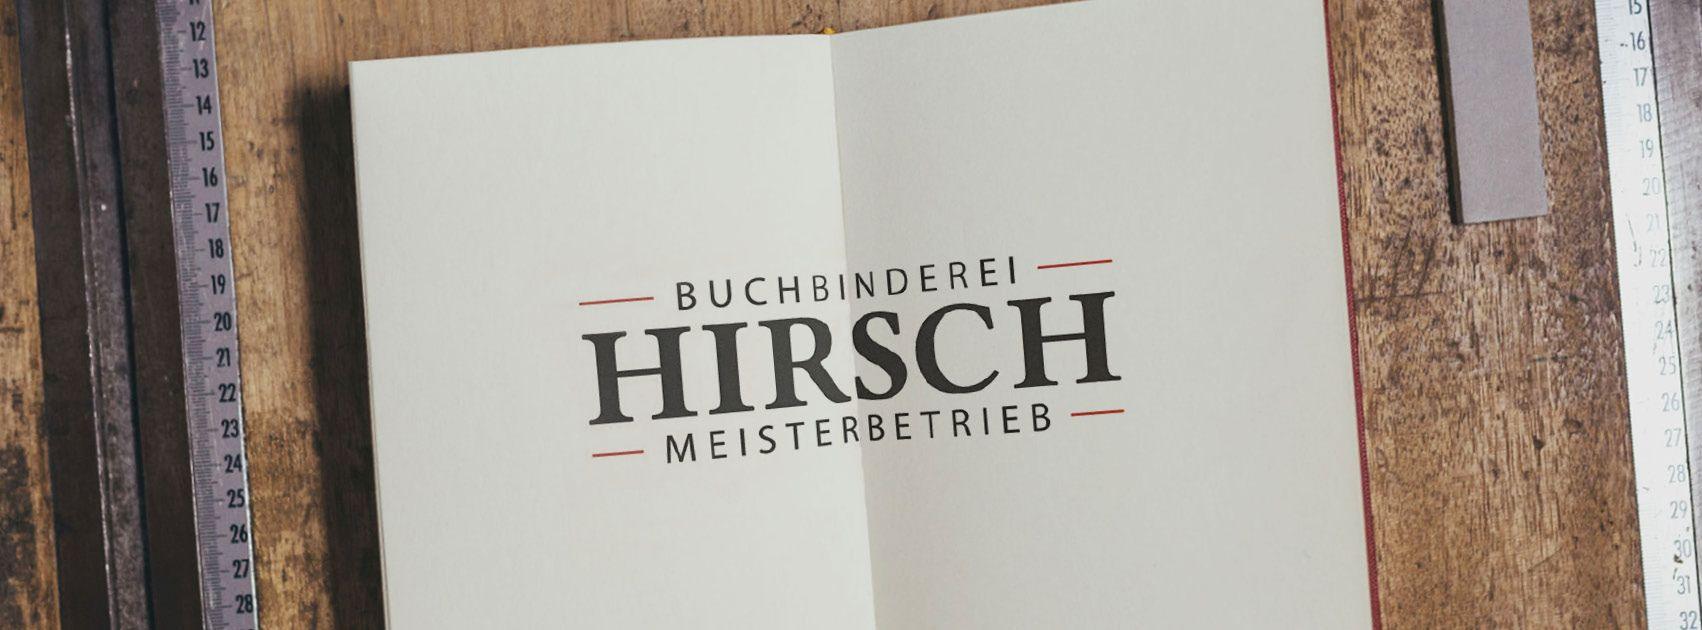 Buchbinderei Hirsch | ISG Solingen-Ohligs e.V.